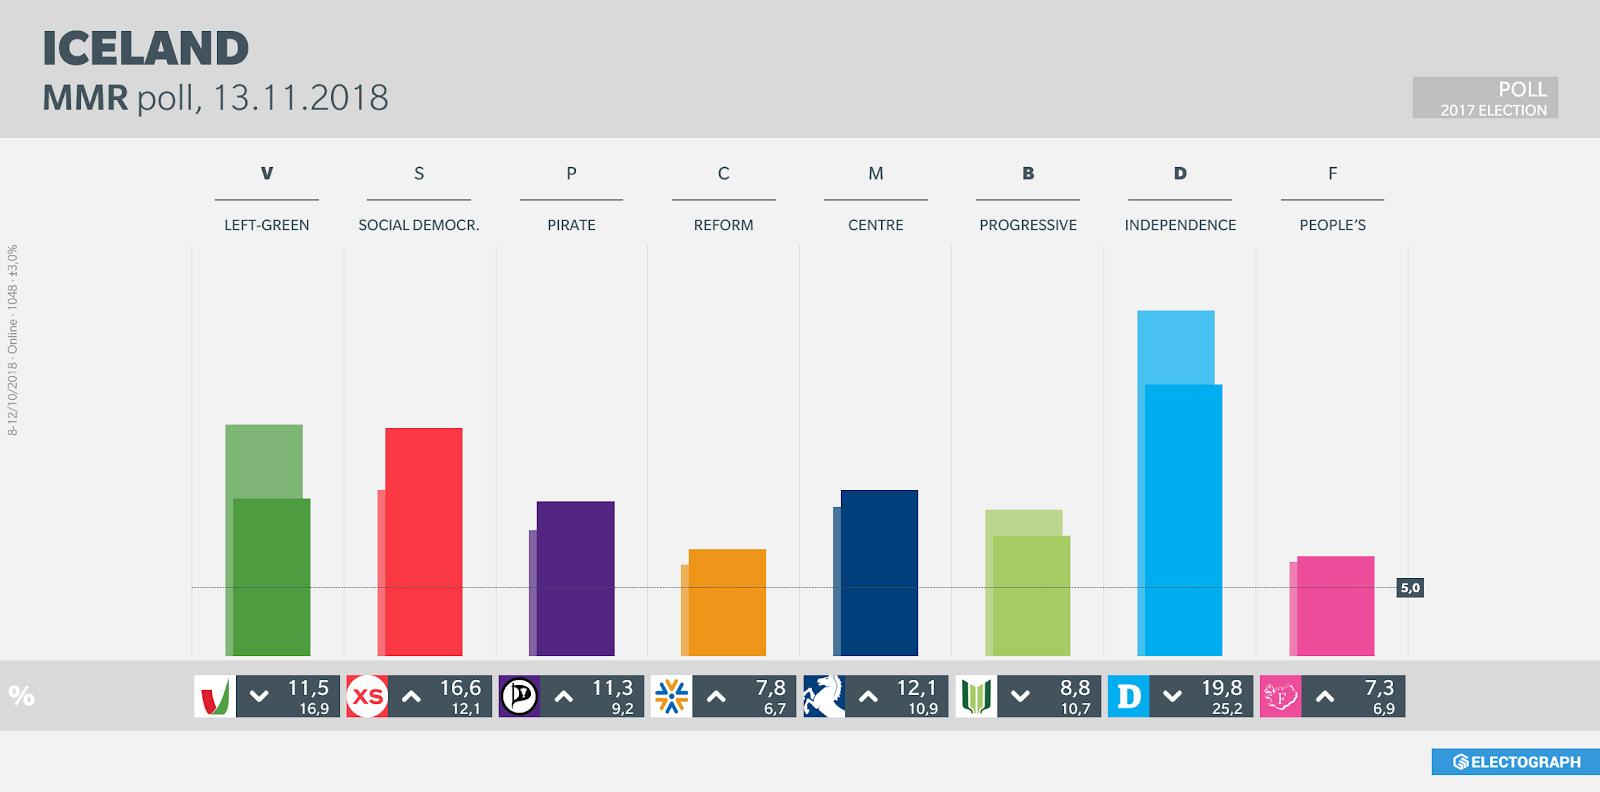 ICELAND: MMR poll chart, November 2018